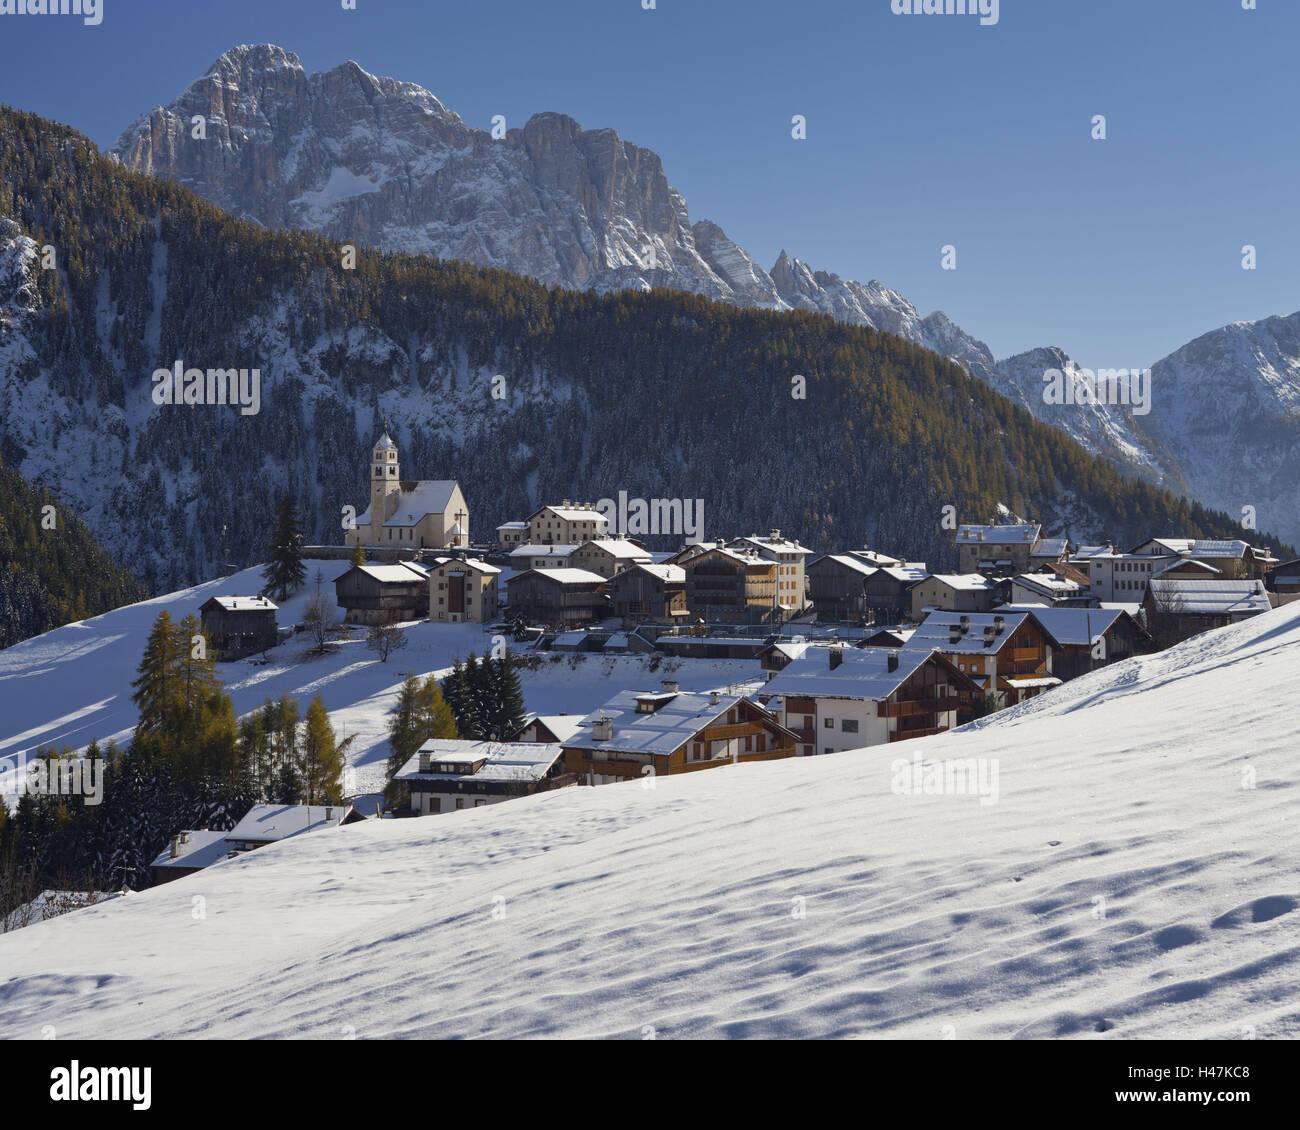 Italy, Veneto, Colle Tu Santa Lucia, church, Monte Civetta, - Stock Image